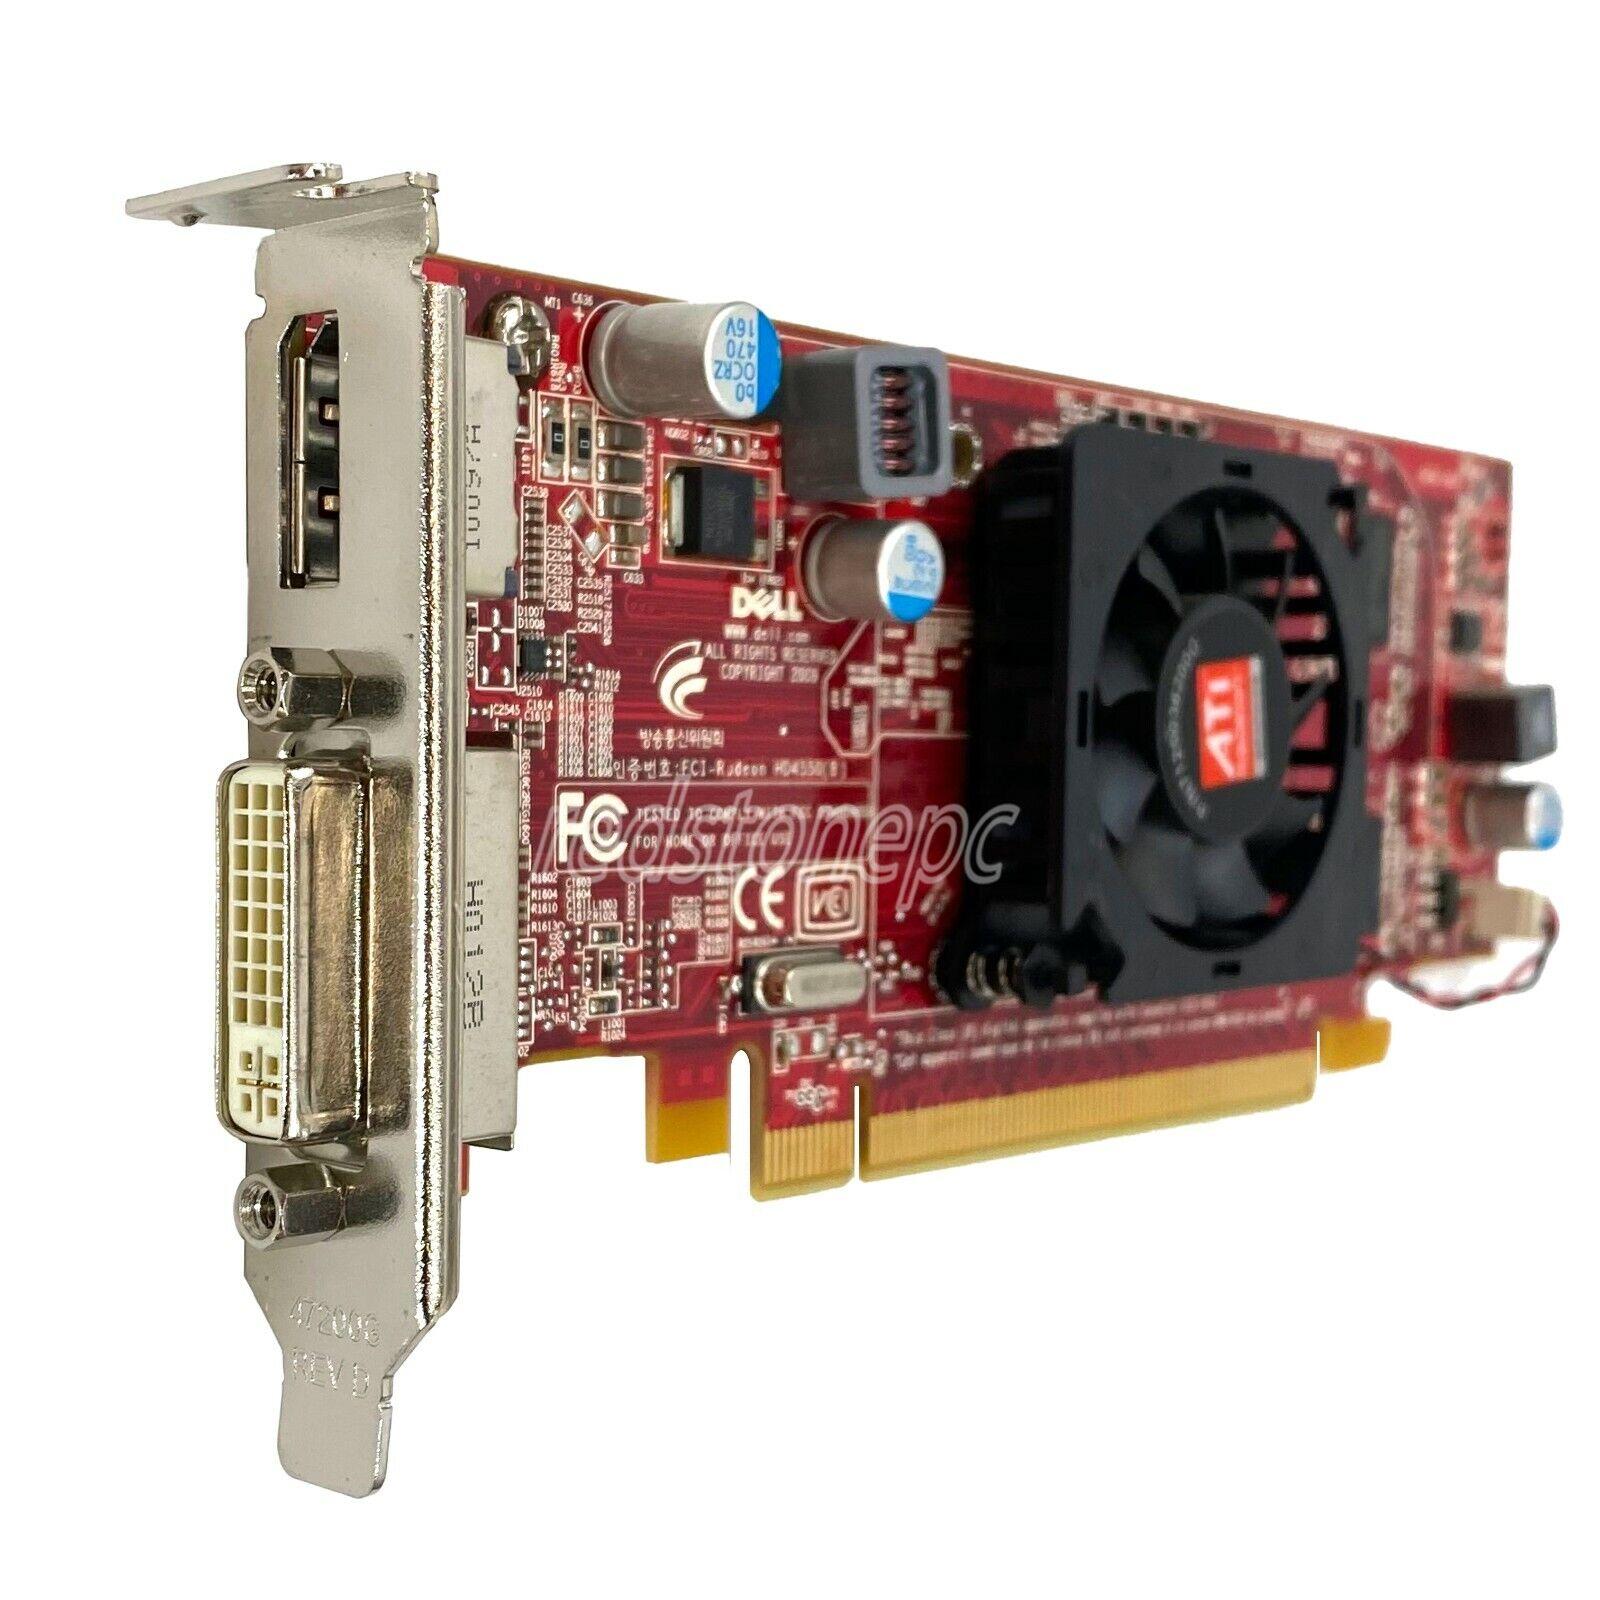 DELL ATI Radeon HD 4550 512 MB GDDR3 DVI Display Port Video Card 0C7MG0 C7MG0